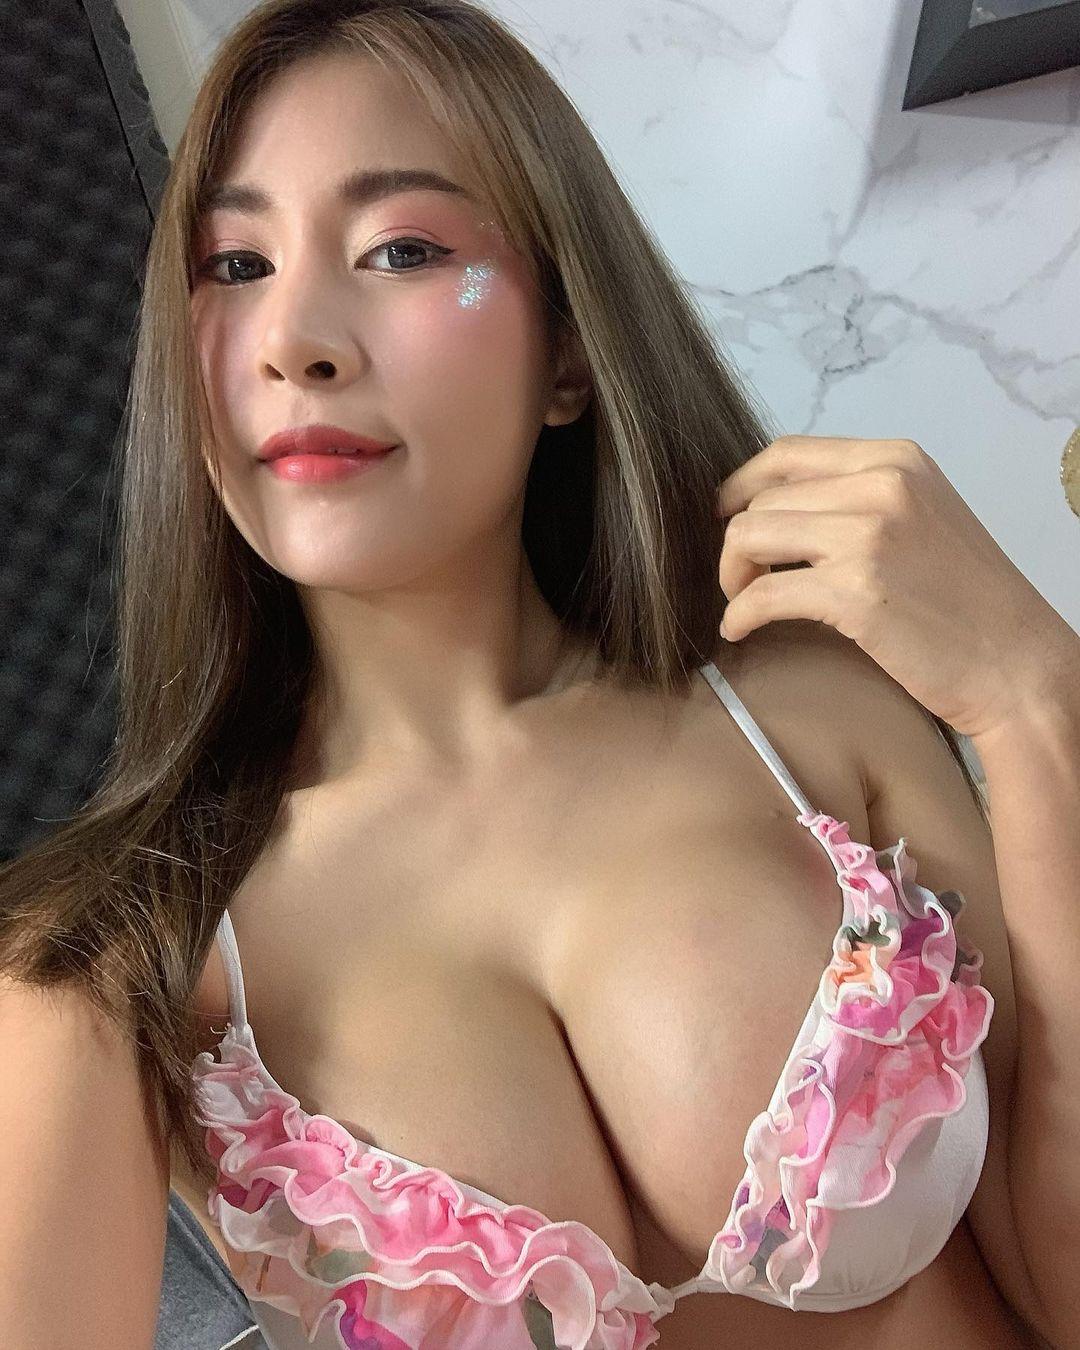 สปอย แมกซิม สาวเซ็กซี่ หุ่นเด็ด รูปเซ็กซี่ แต่ละรูปทำเอาผู้ชายแข็งไปทั้งตัว